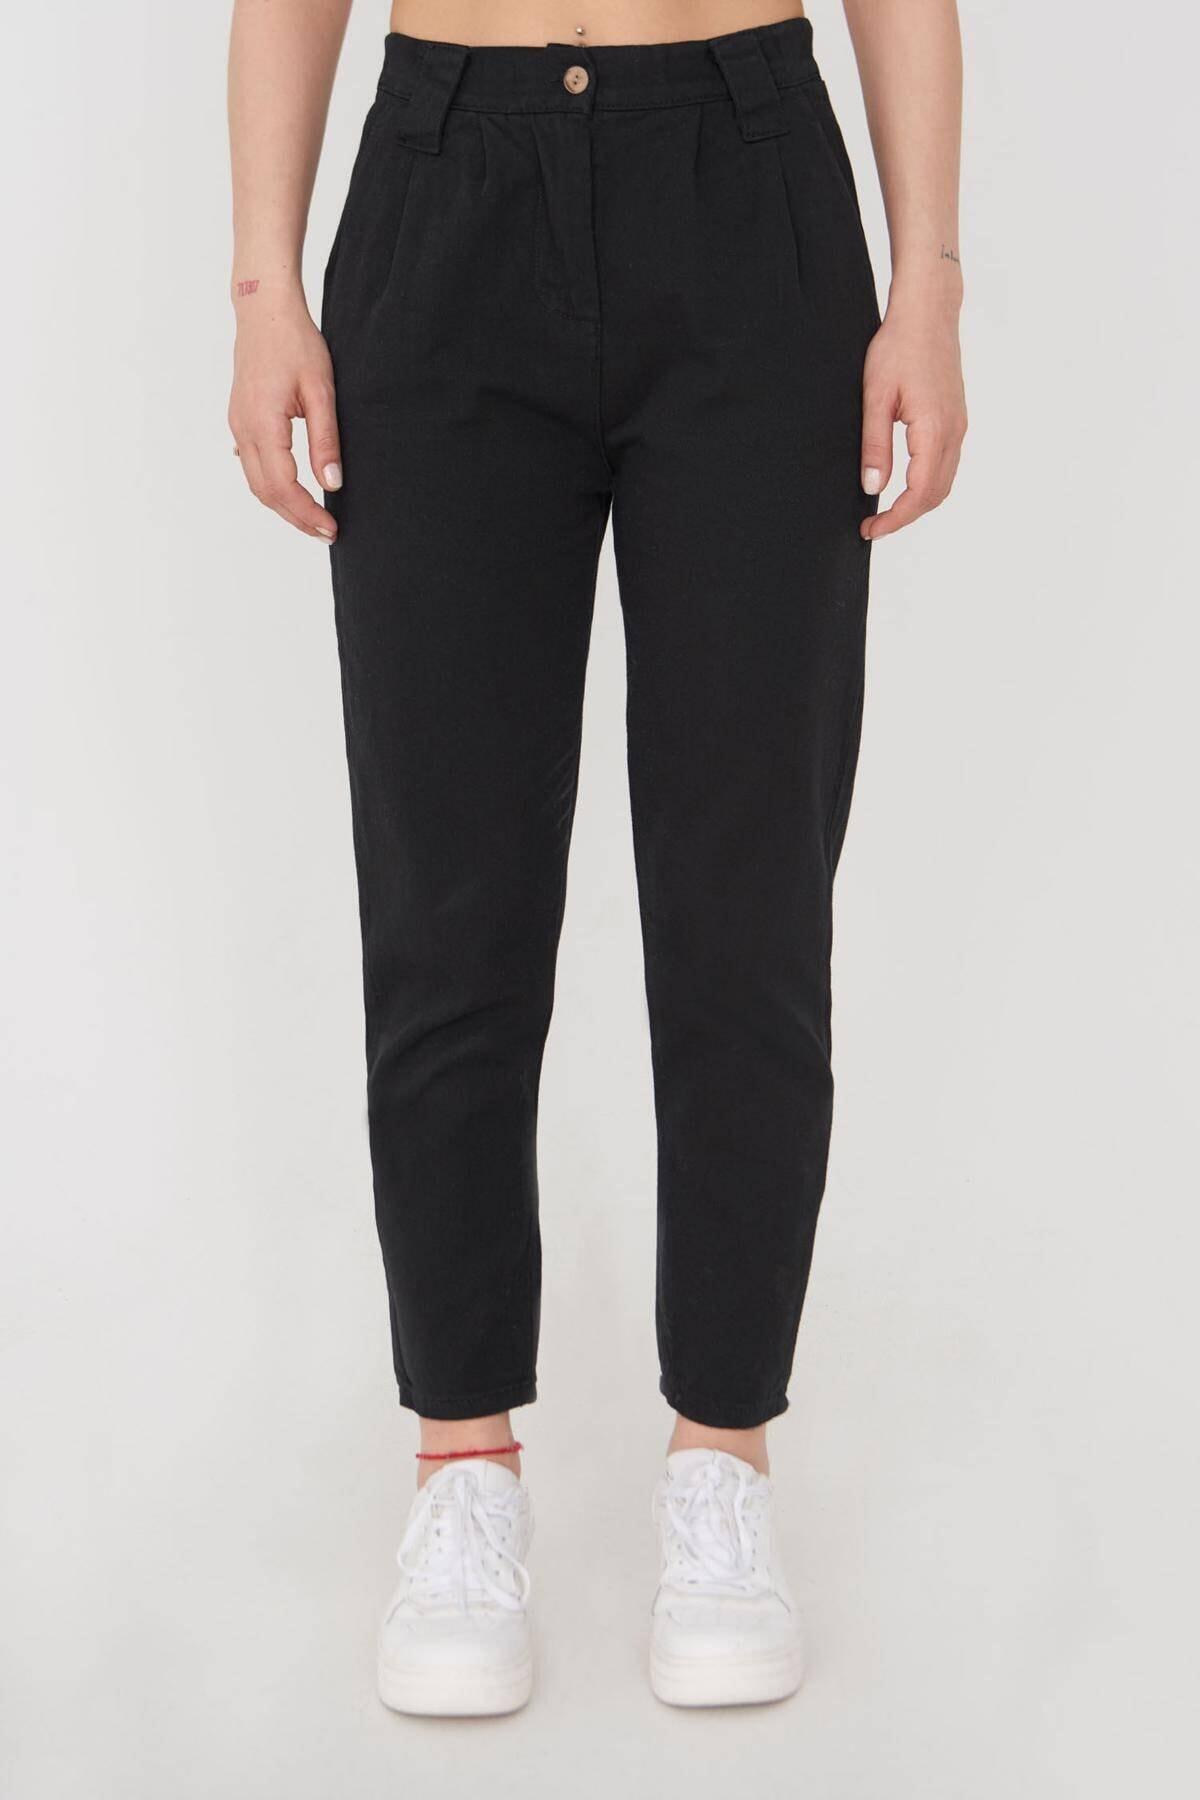 Addax Kadın Siyah Cep Detaylı Pantolon Pn4396 - G4 Adx-0000023917